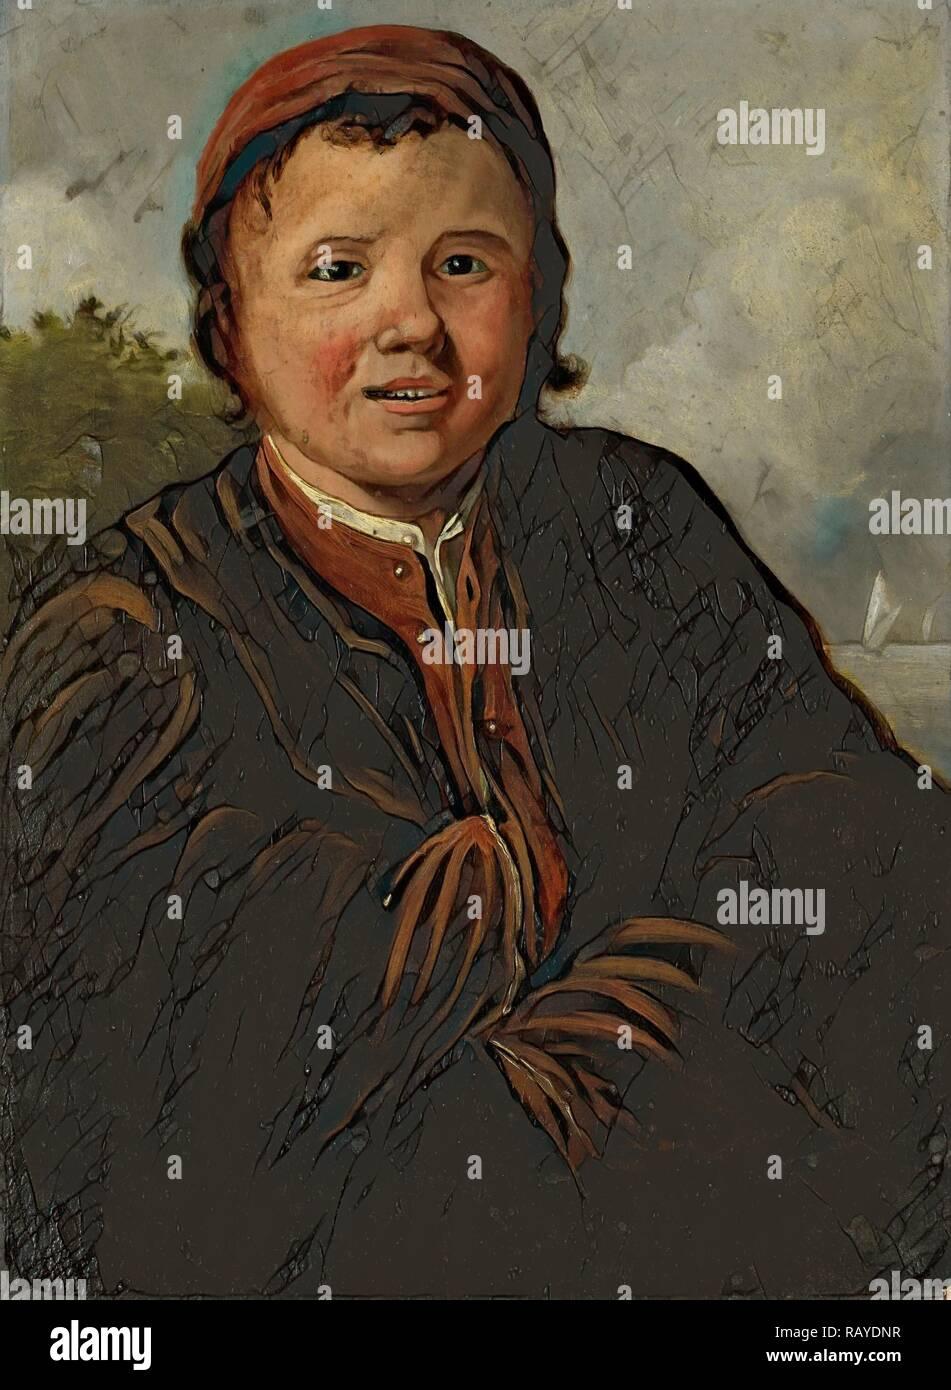 Fisher Boy, copia dopo Frans Hals, 1800 - 1899. Reinventato da Gibon. Arte Classica con un tocco di moderno reinventato Immagini Stock